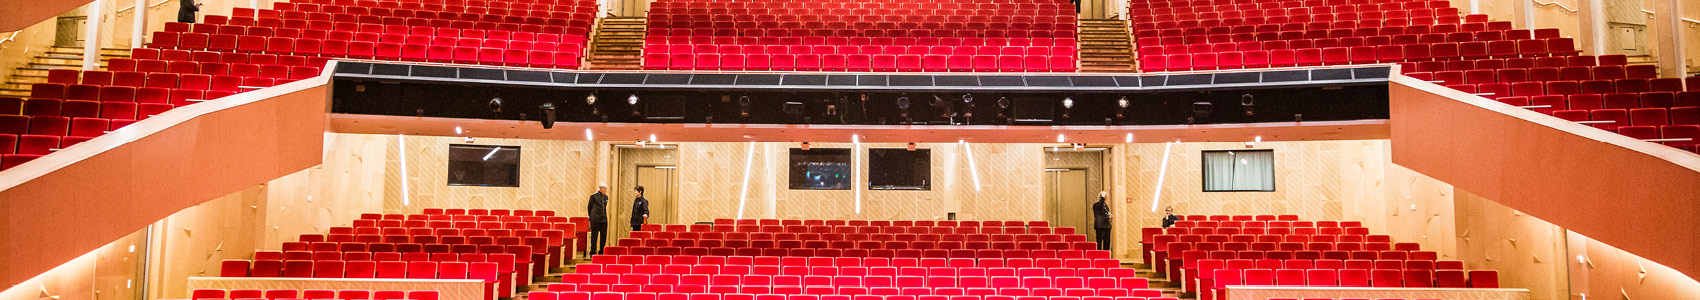 Kiri Te Kanawa Theatre, Aotea Centre